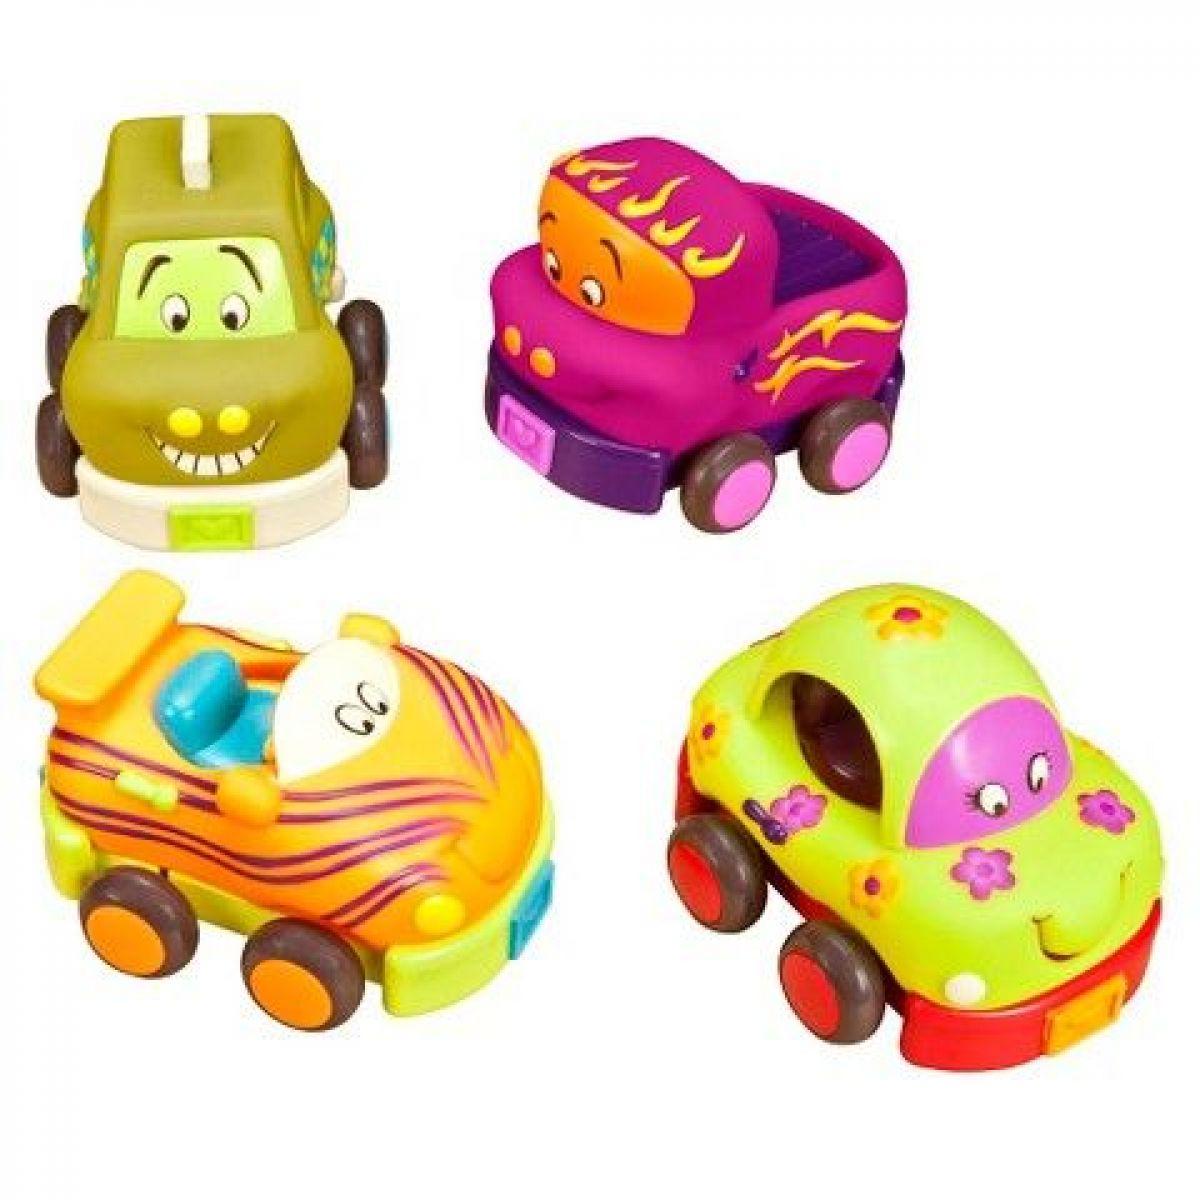 B.toys Autíčka Wheee-Is!